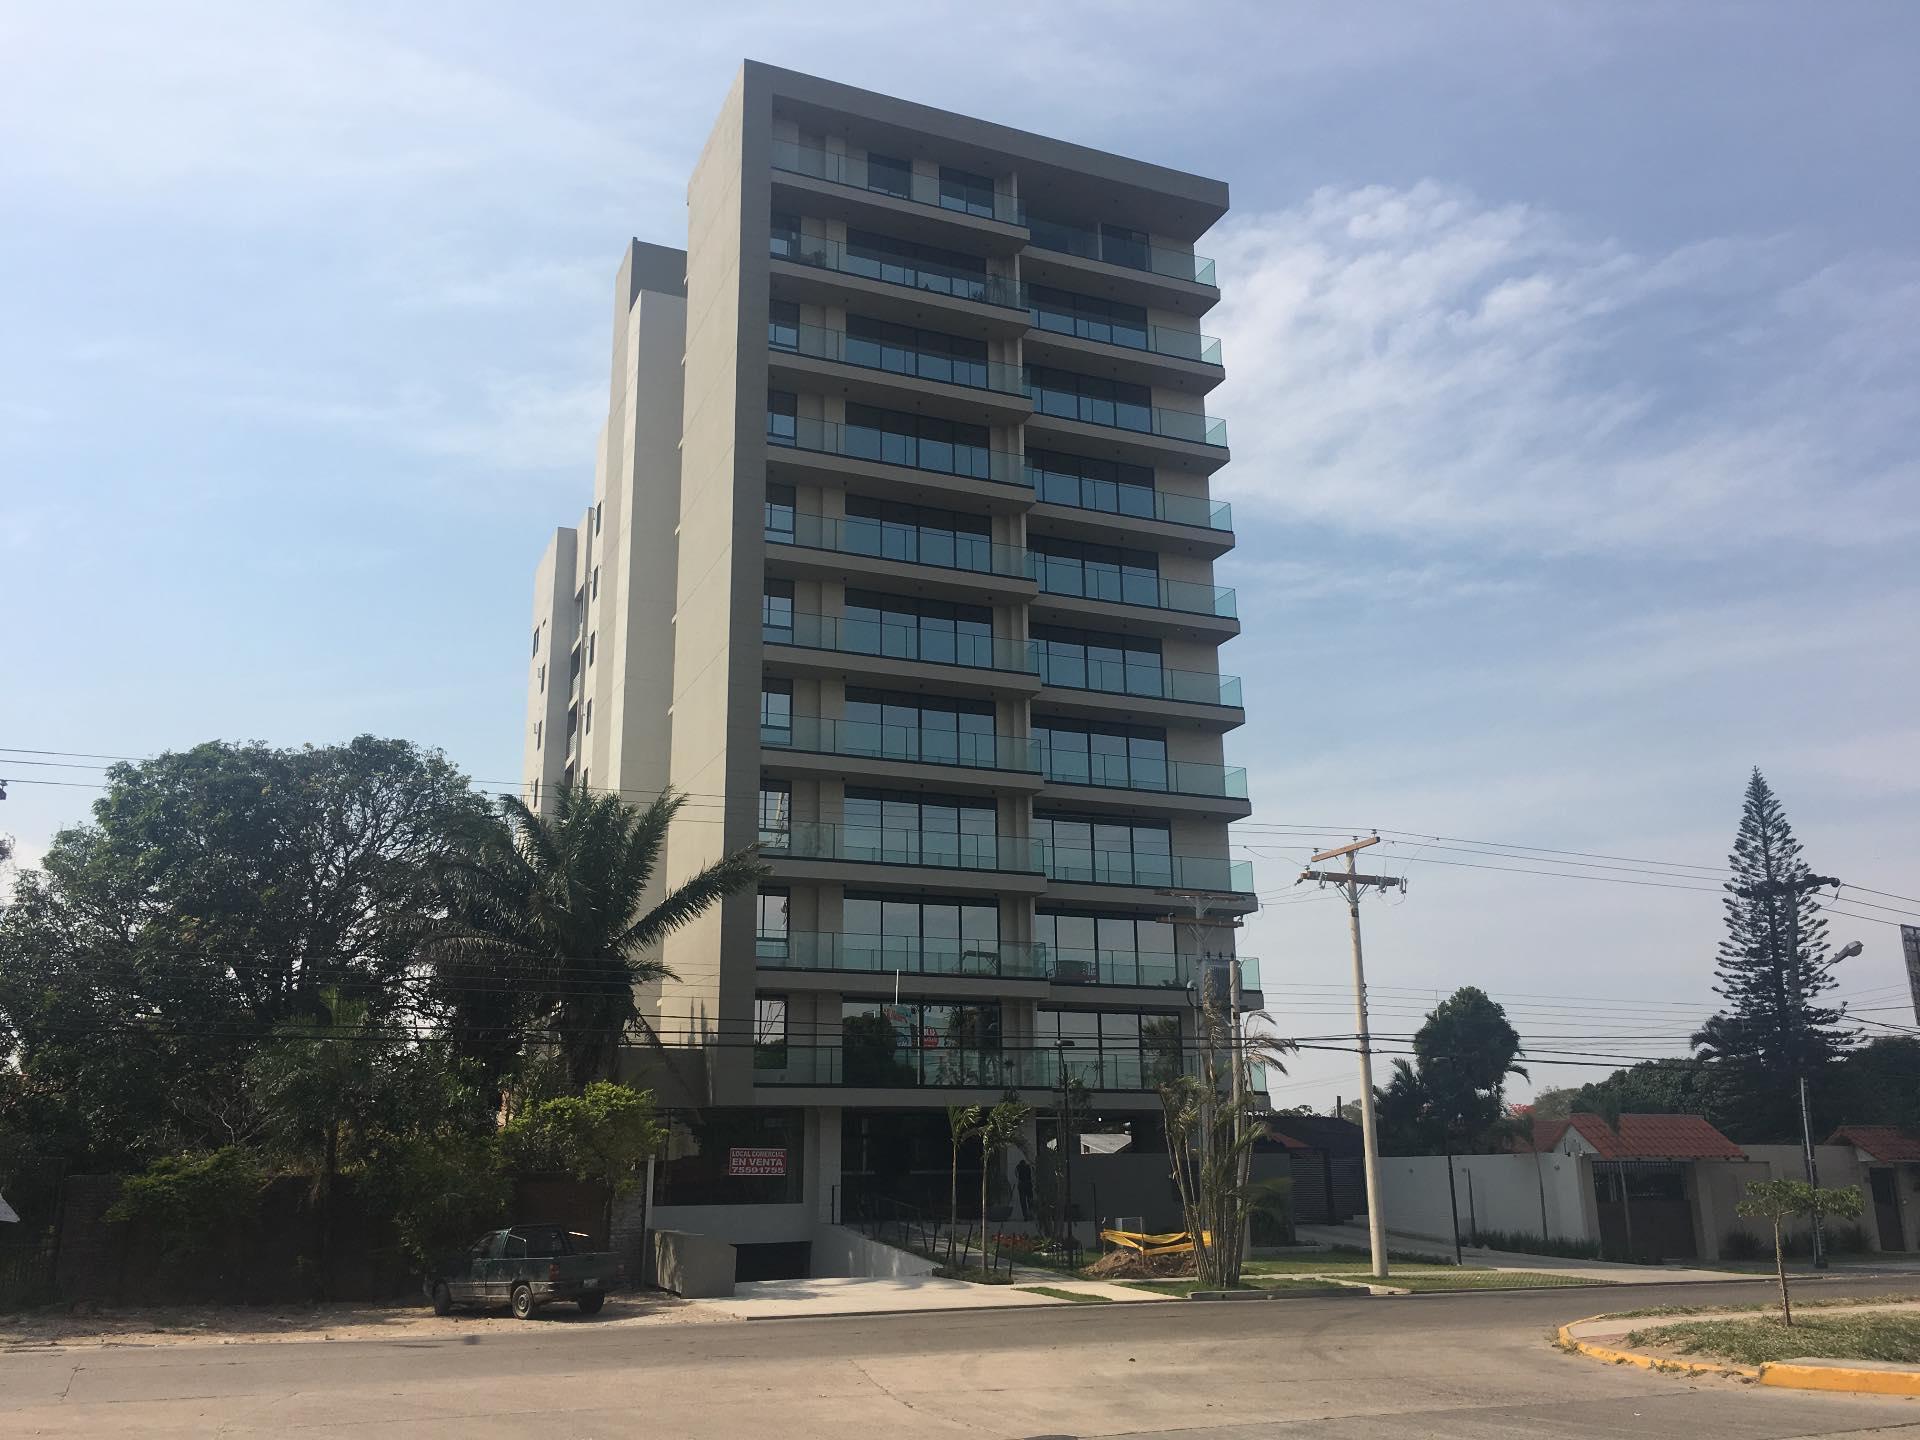 Departamento en Venta AV. ROCA Y CORONADO PENTHOUSE EN VENTA Foto 3